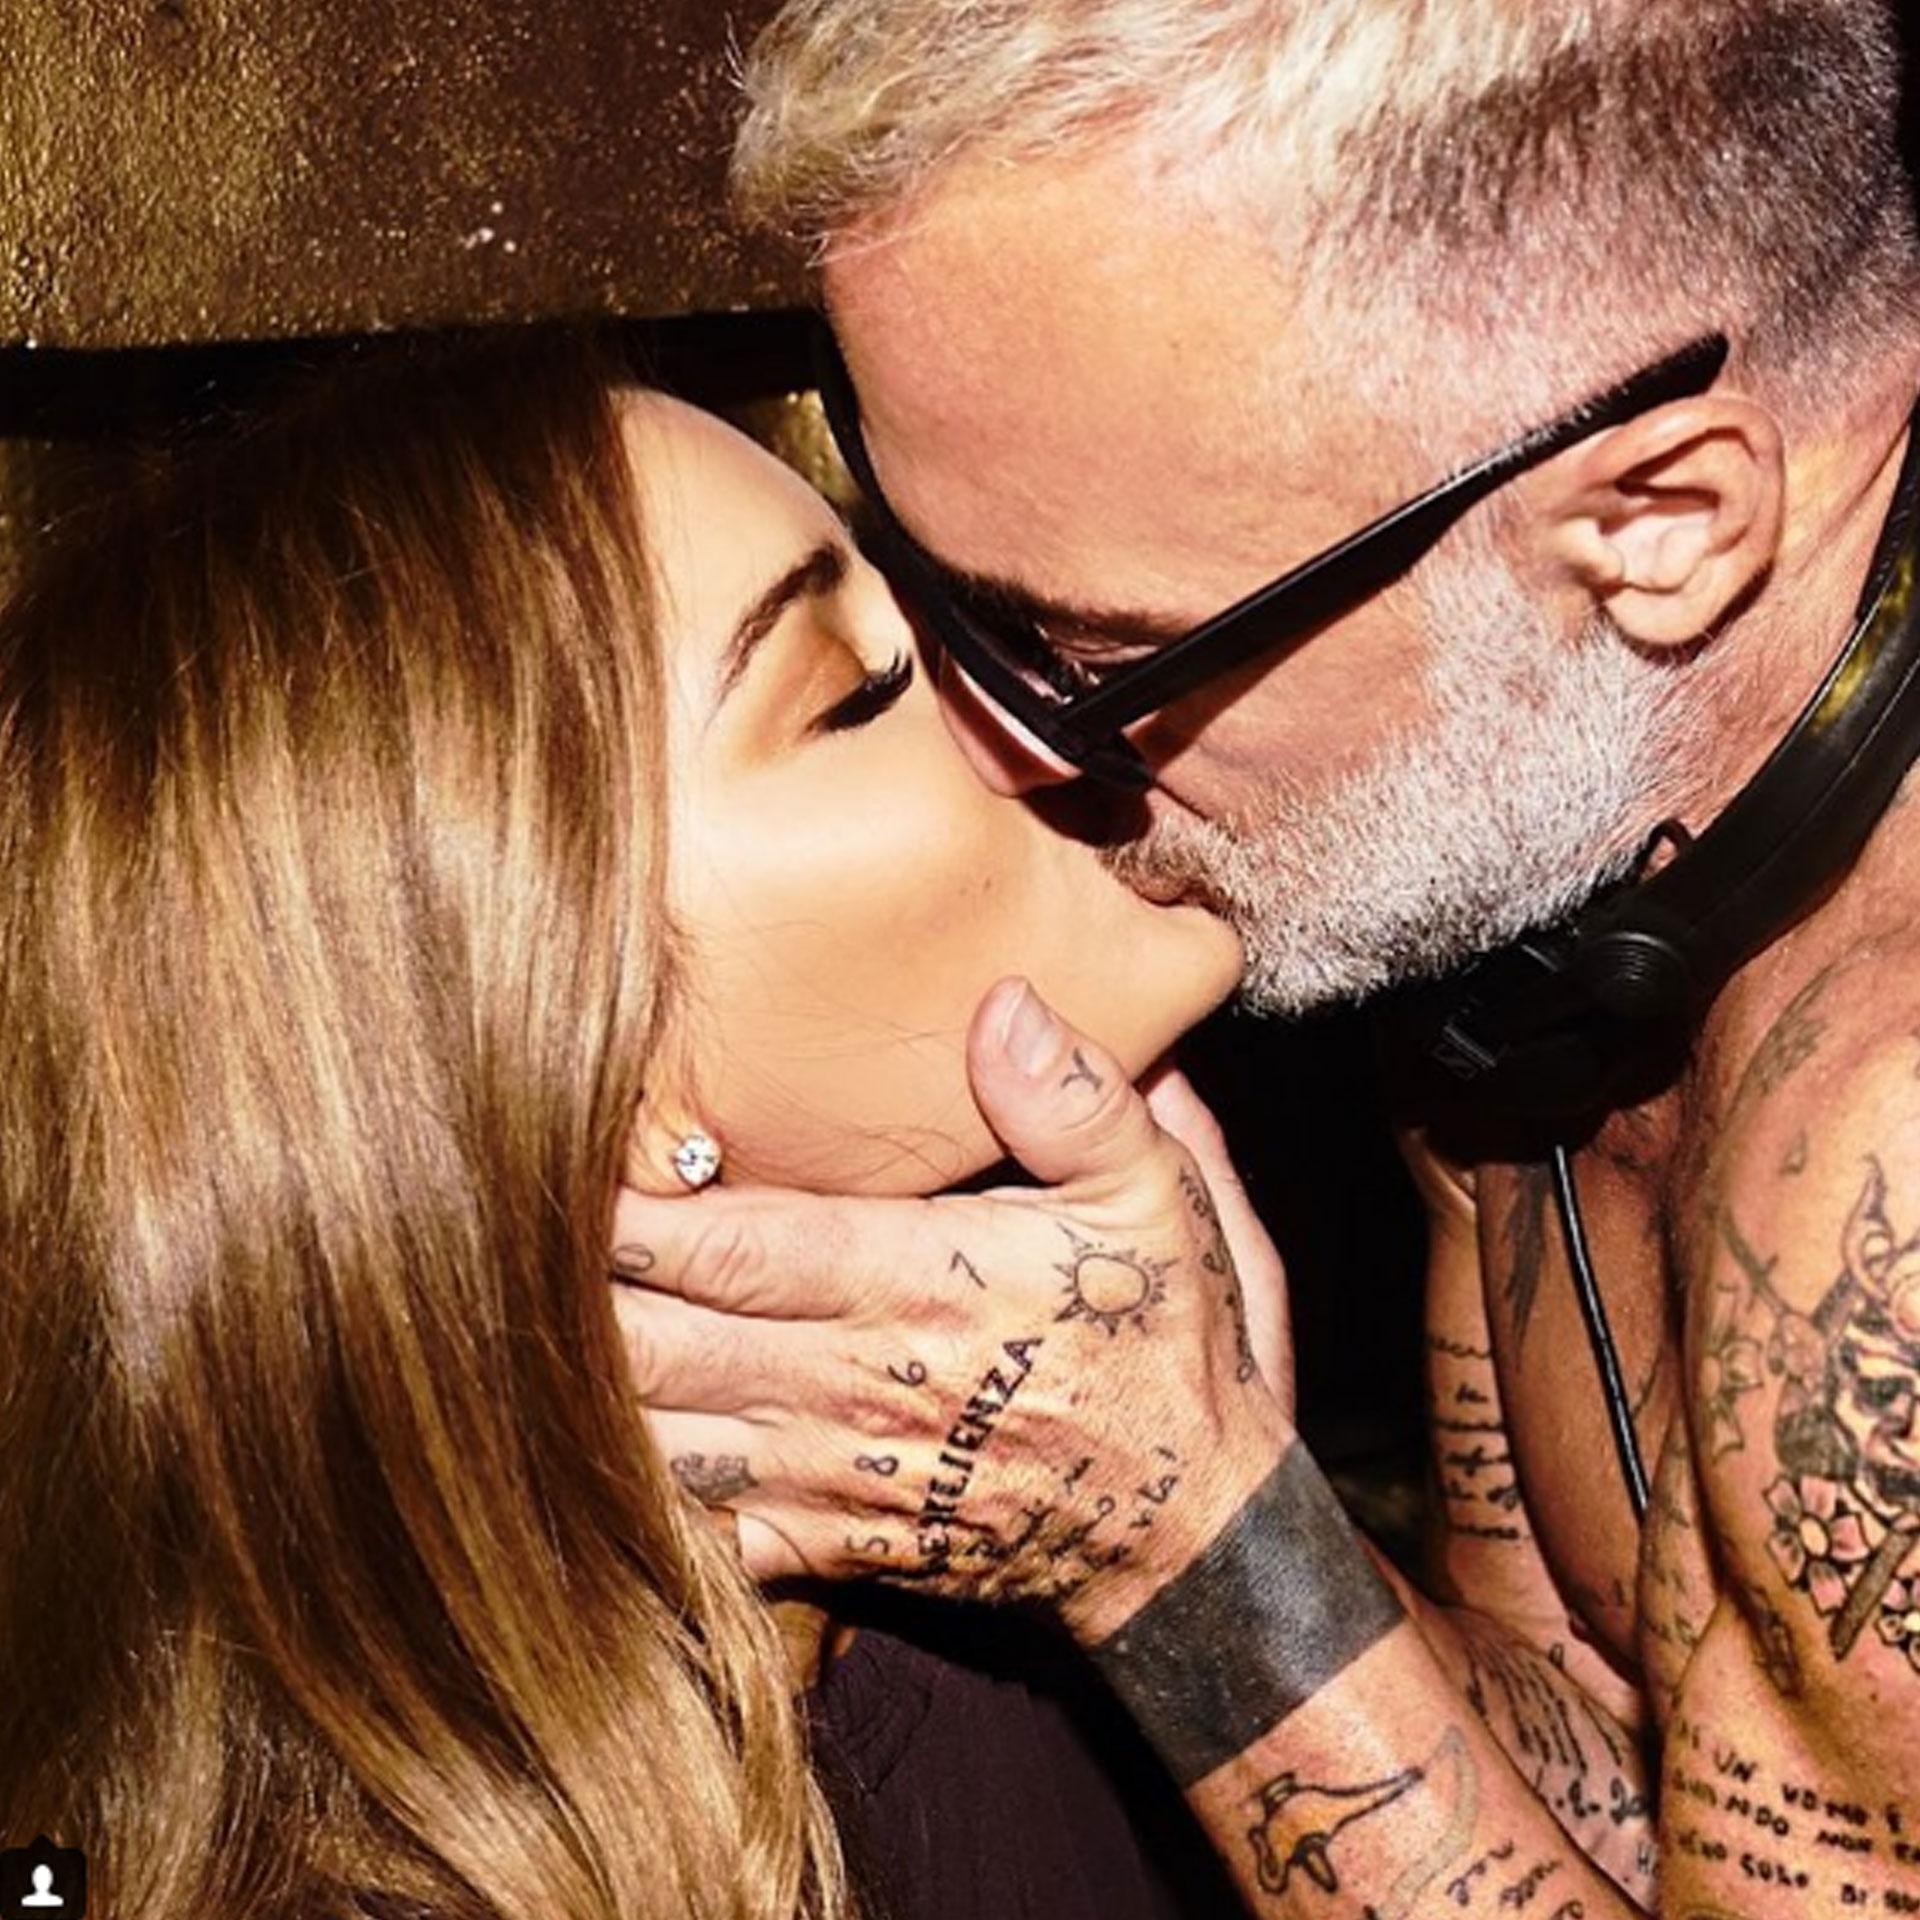 4ed9b7c3520f0 Gianluca Vacchi reaparece con su novia y envía un contundente mensaje de  amor (FOTO)